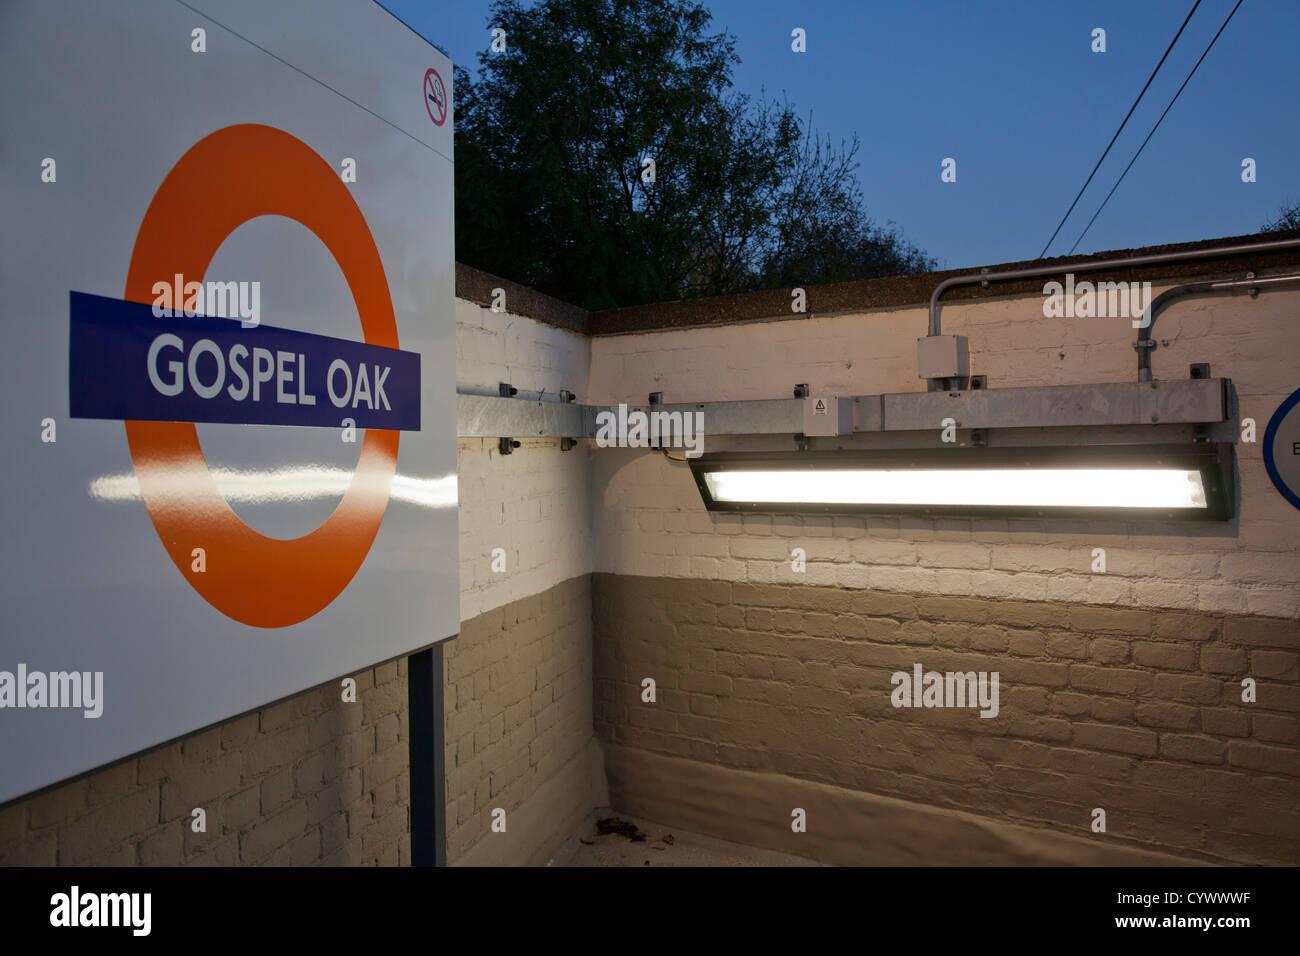 Gospel Oak overground station in London, UK - Stock Image